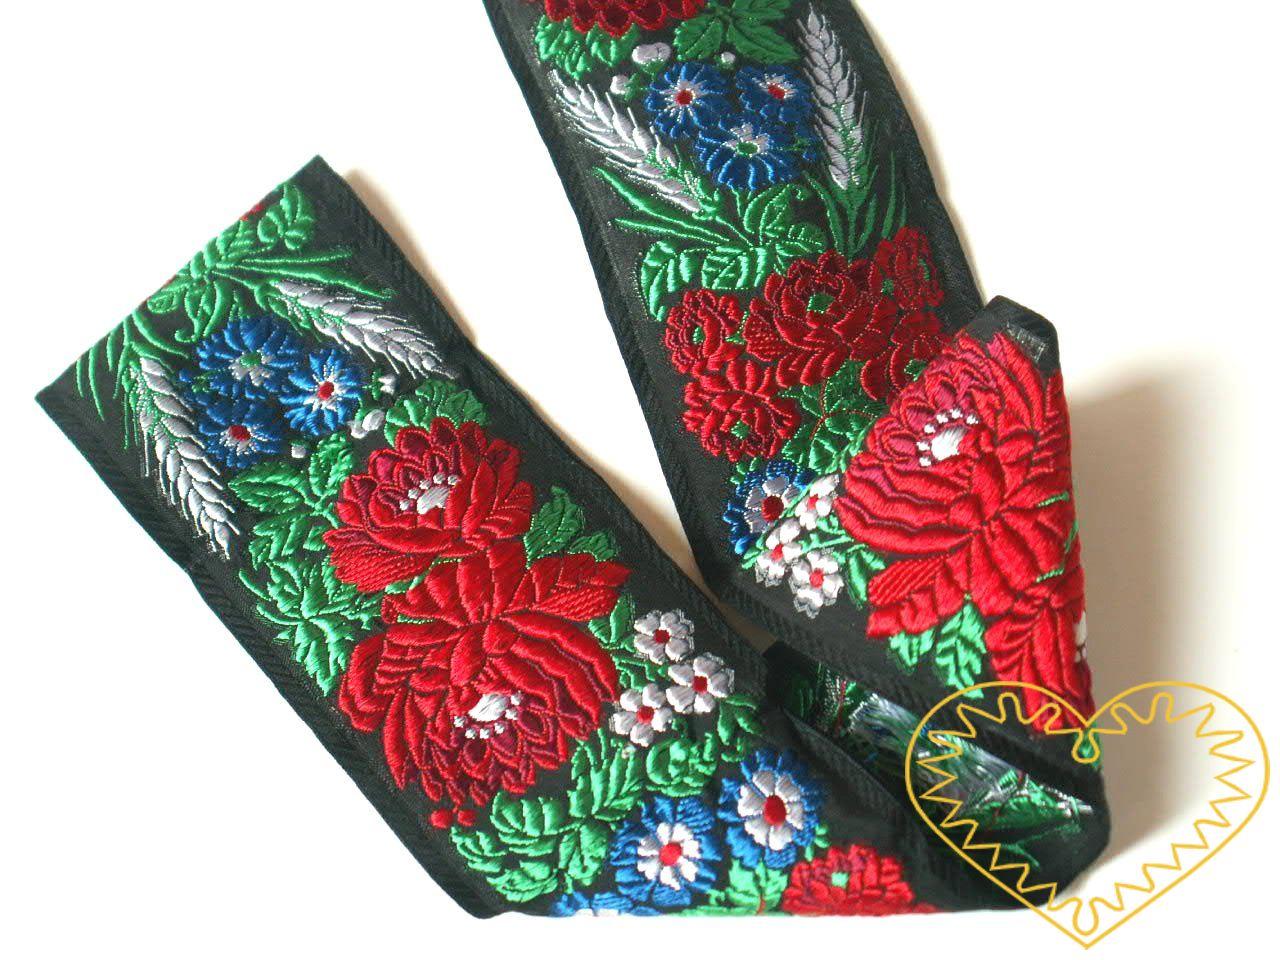 Černá krojová stuha s květinovým vzorem - vzorovka š 7 cm. Textilní tkaná stuha s vyšitým vzorem bílých, modrých a červených květů a zelených listů je vhodná zvláště k lemování tkanin a zdobení krojů, lze uplatnit v bytovém textilu.